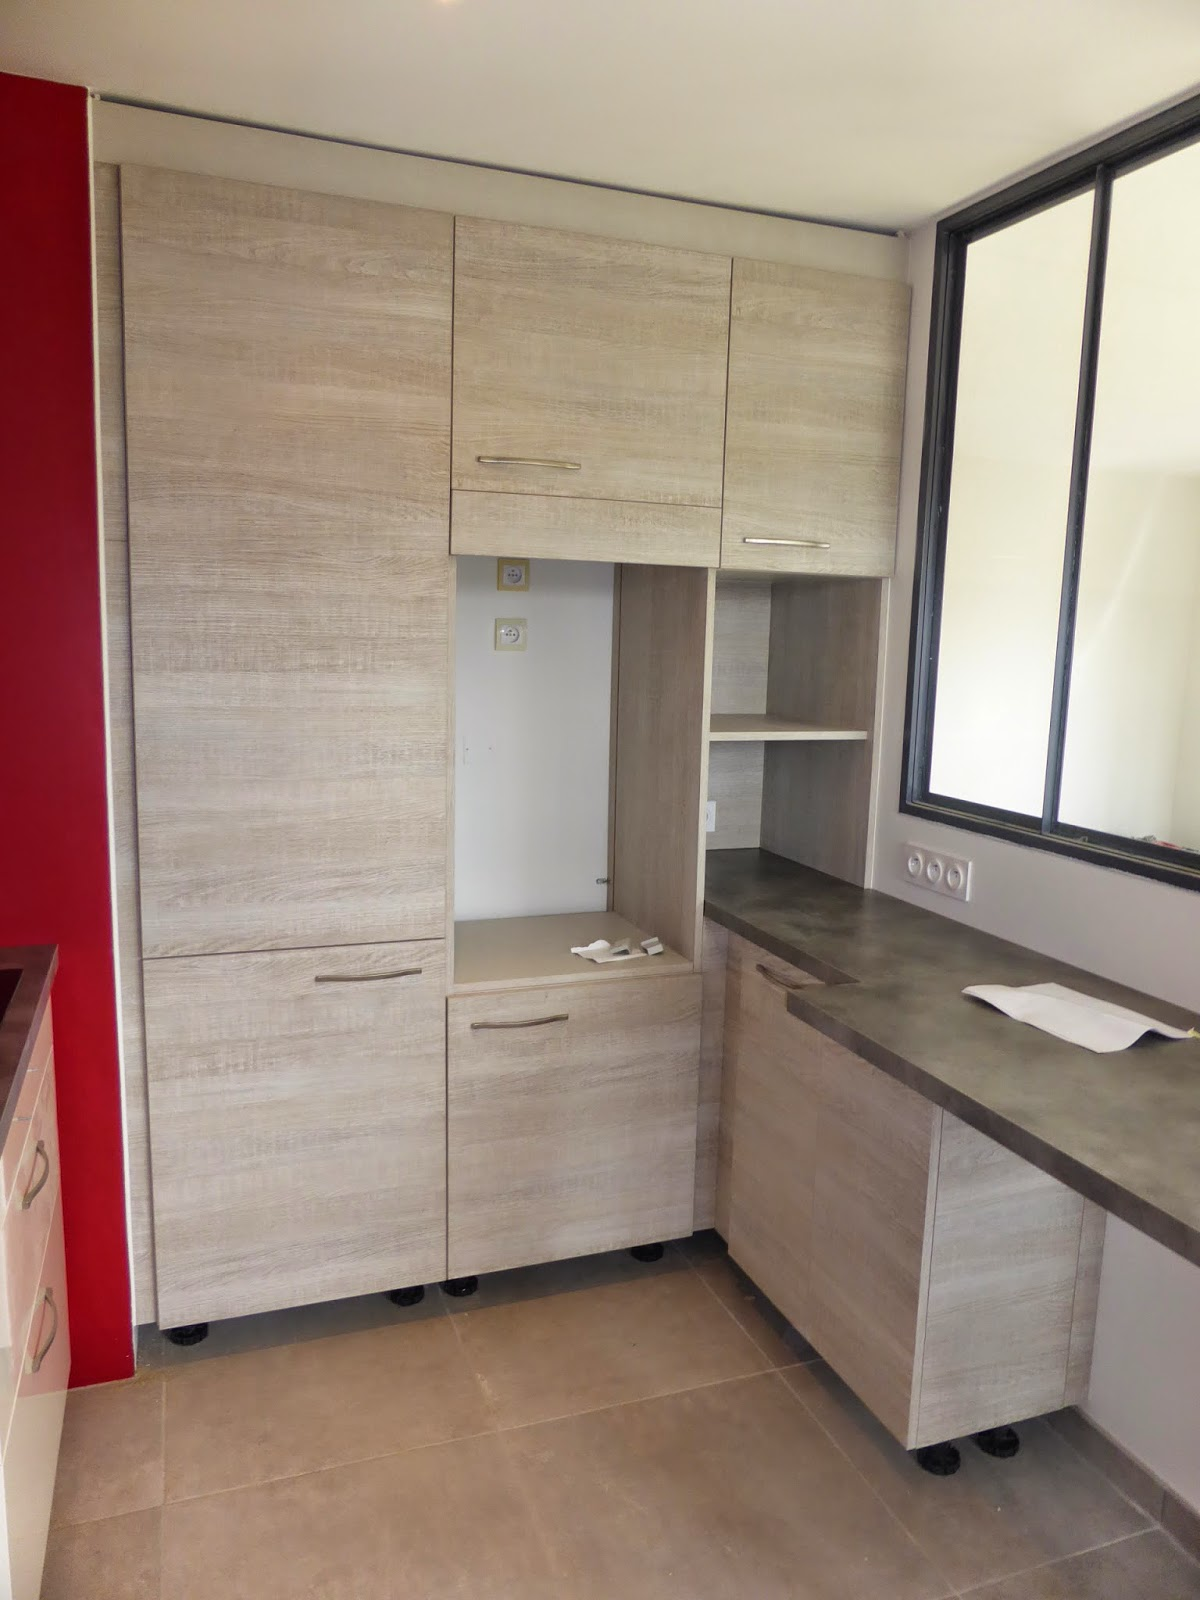 Le Blog d'Alizarine Déco: Réaménagemnt d'un appartement complet